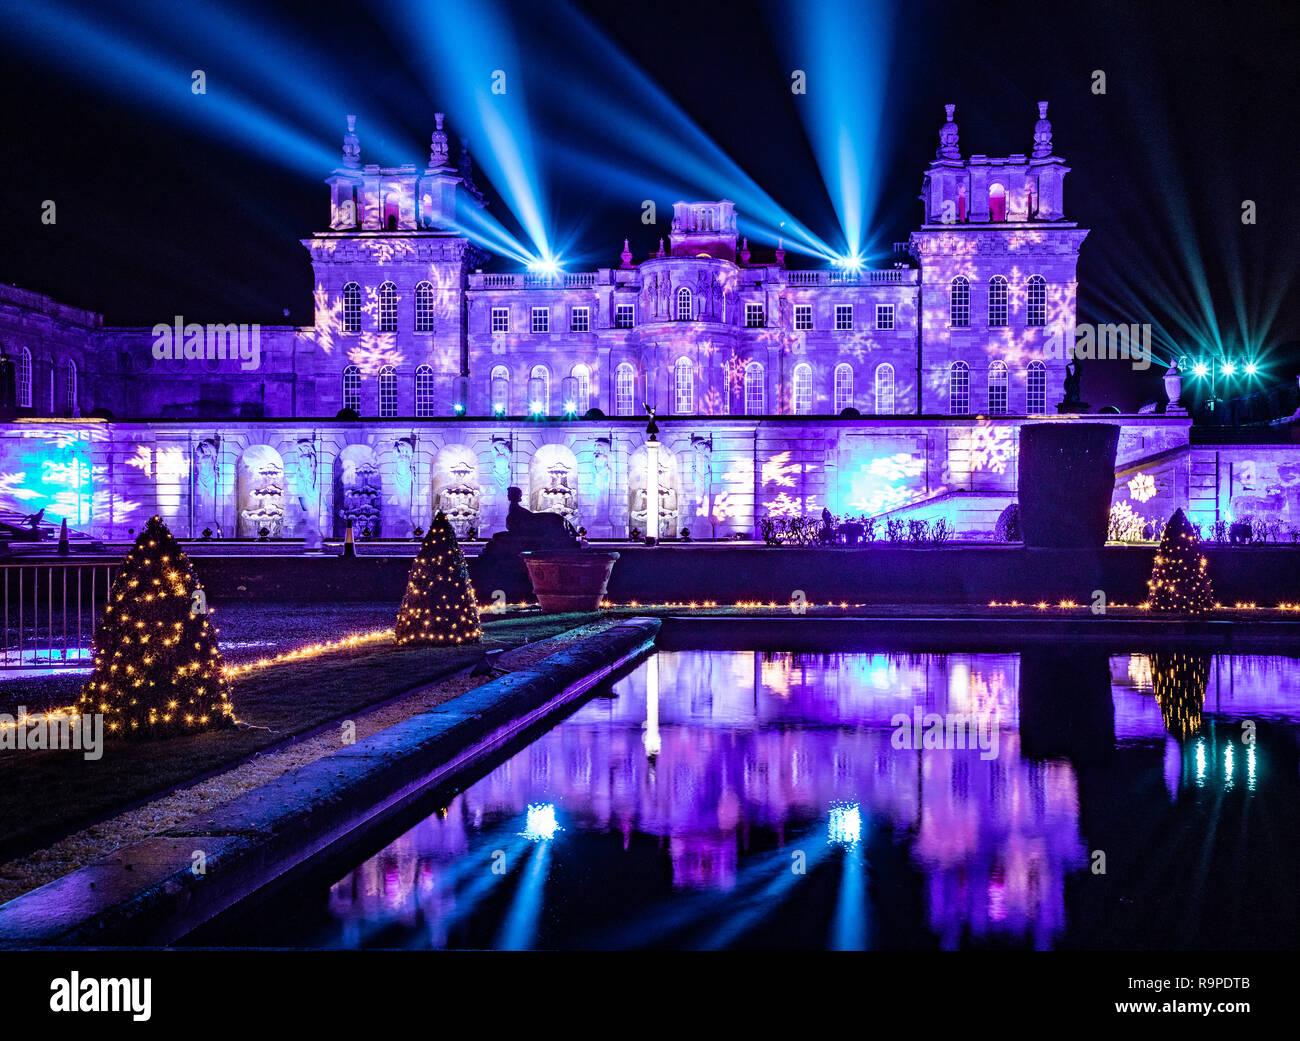 Blenheim Palace Und Wasser Terrasse Beleuchtet Mit Weihnachtsbeleuchtung  Mit Laser Show In Den Nachthimmel. Stockbild